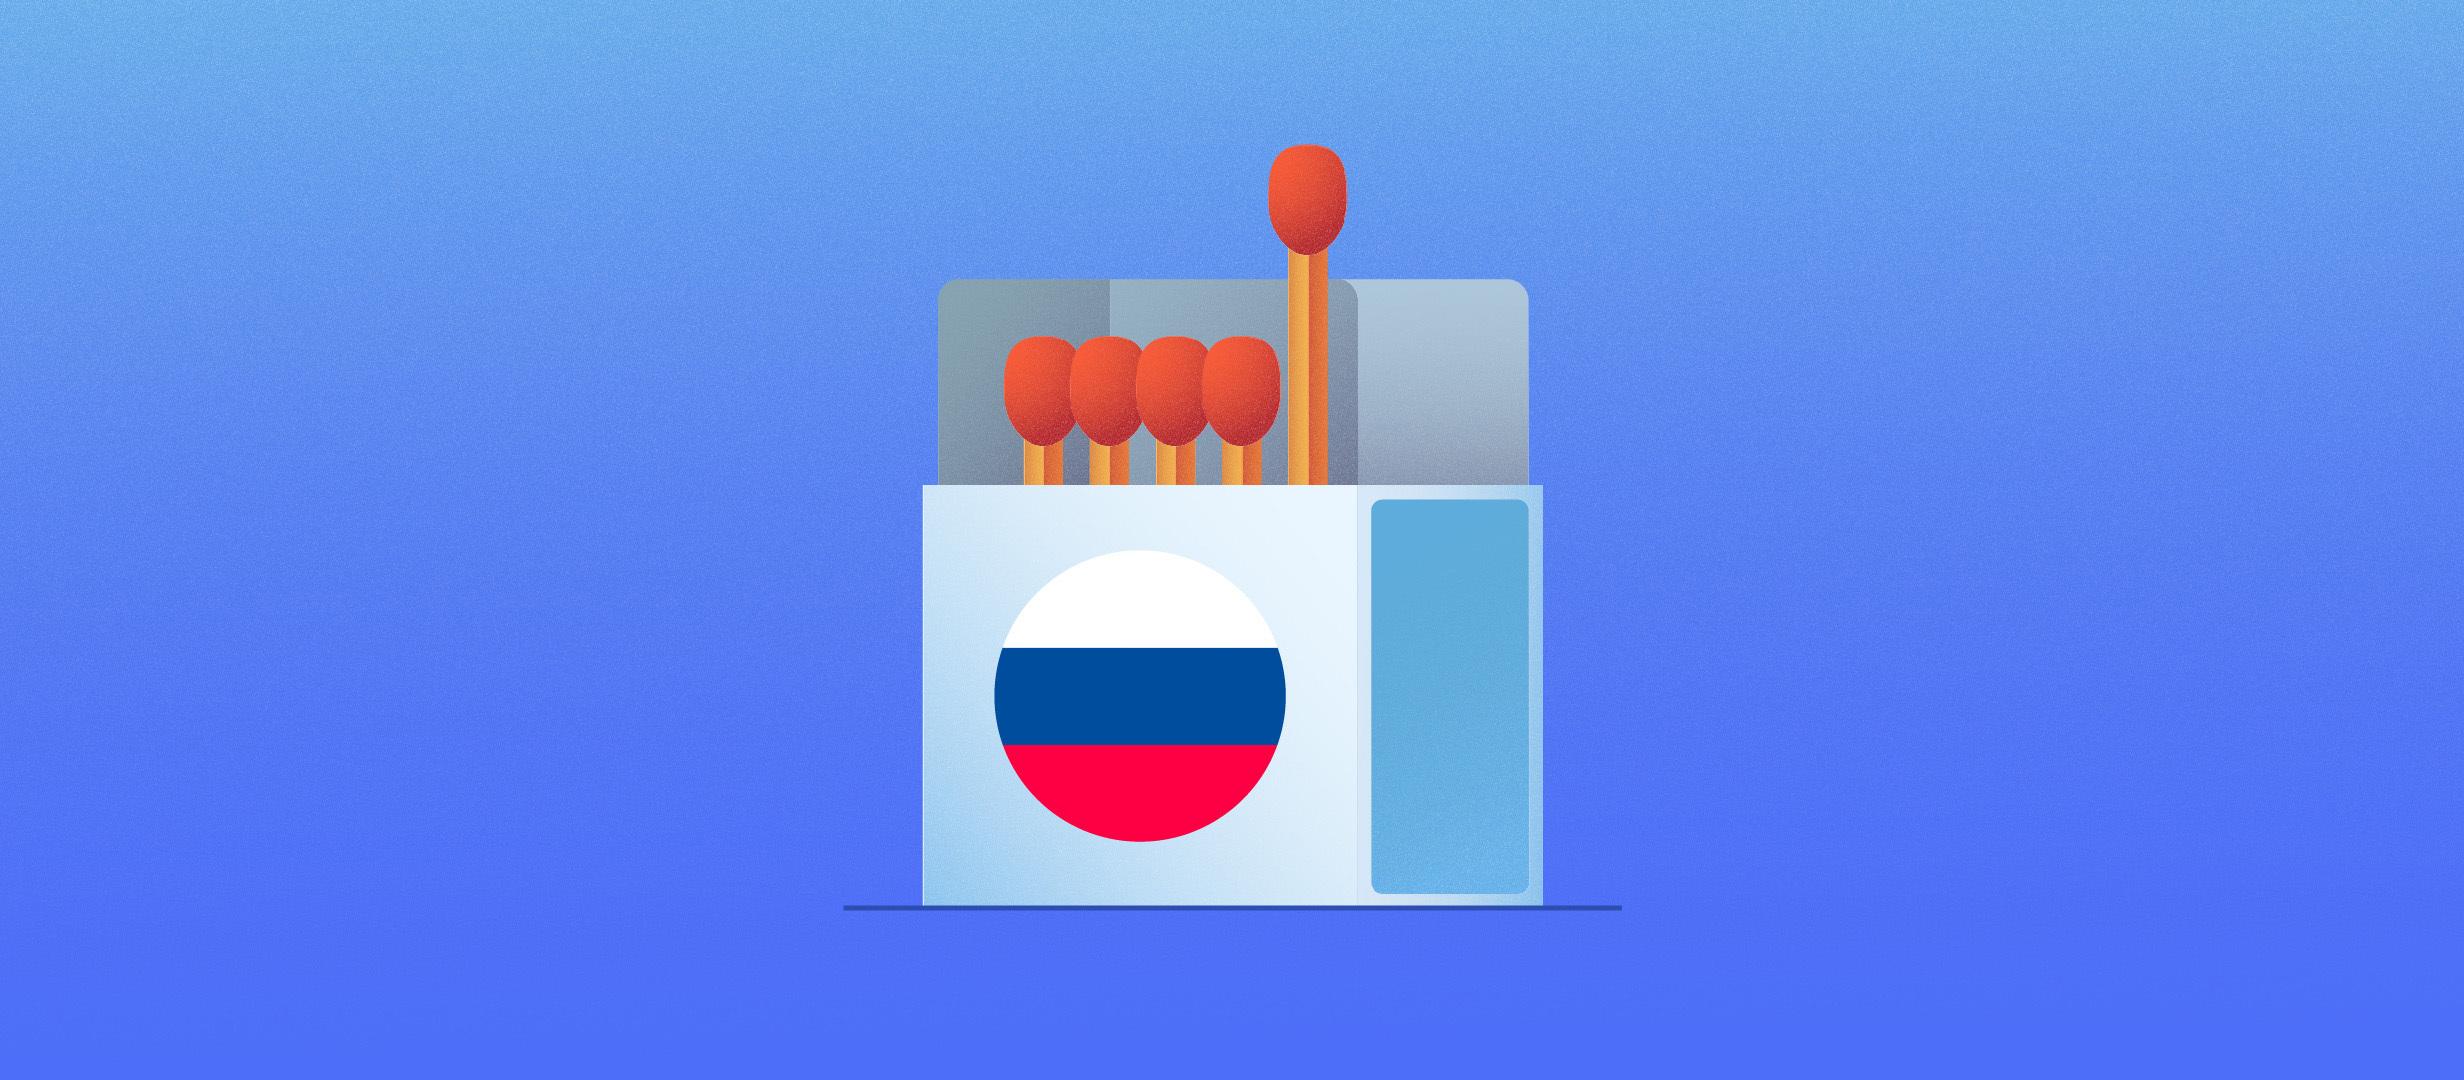 Карпин: Начало. Перезагрузка сборной России